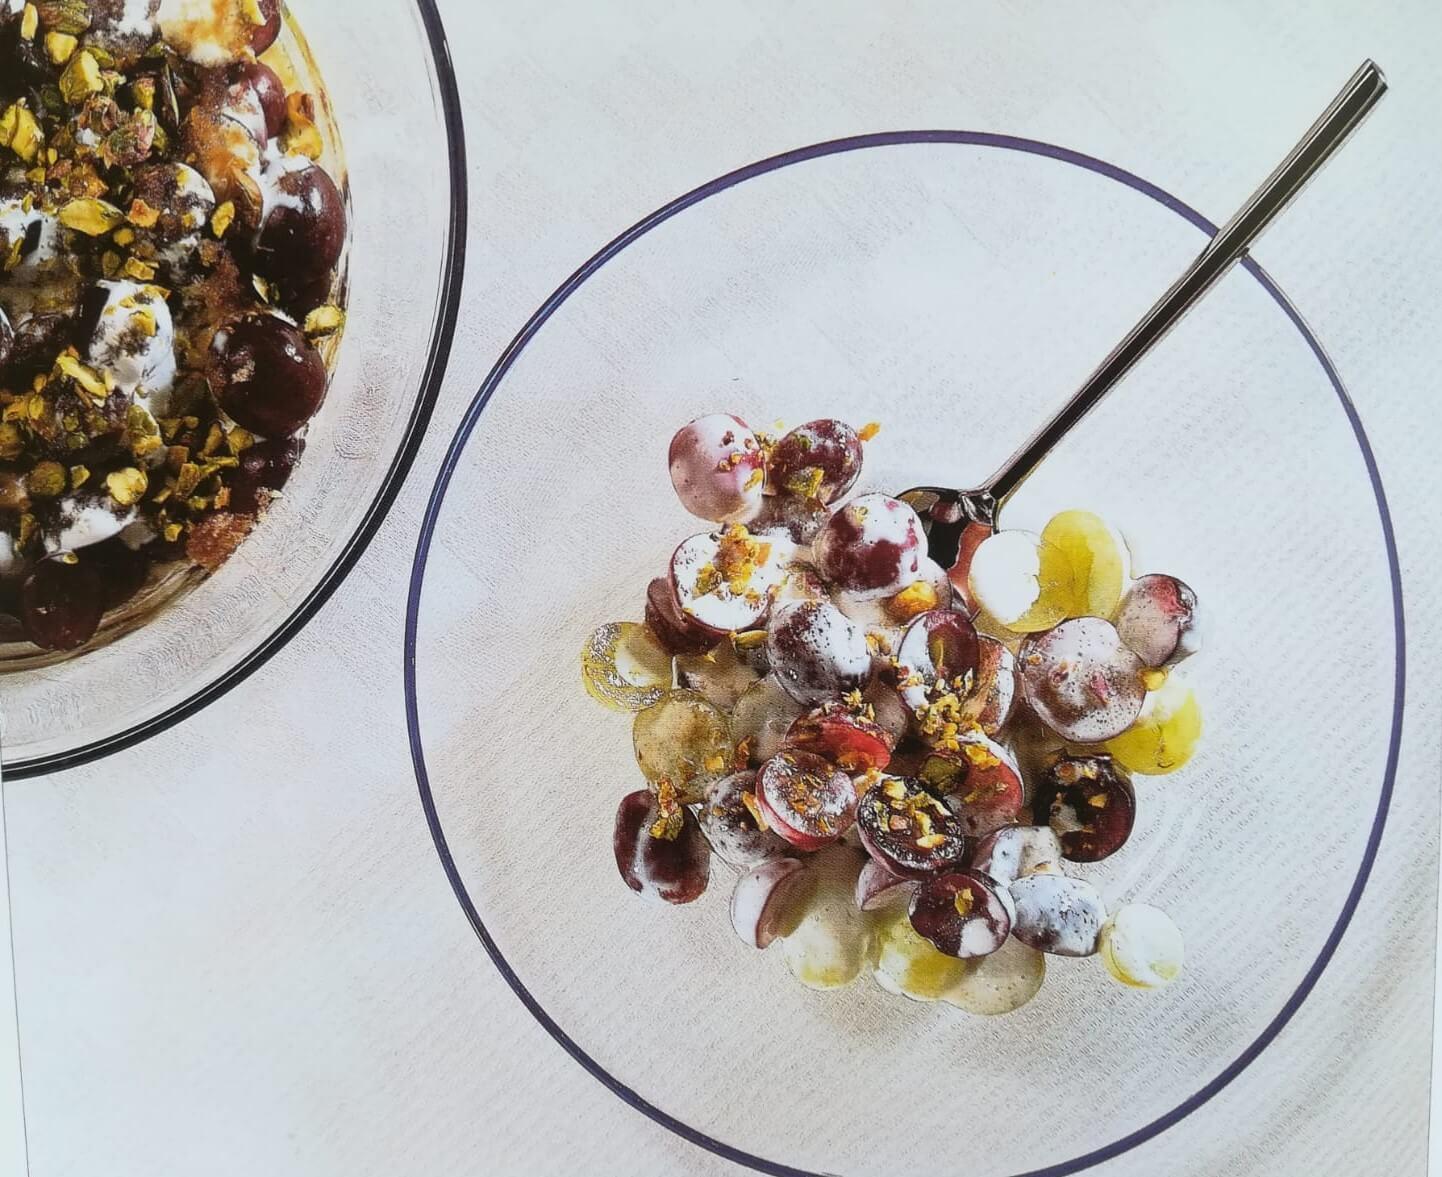 La cucina dell'estate: Insalata d'uva